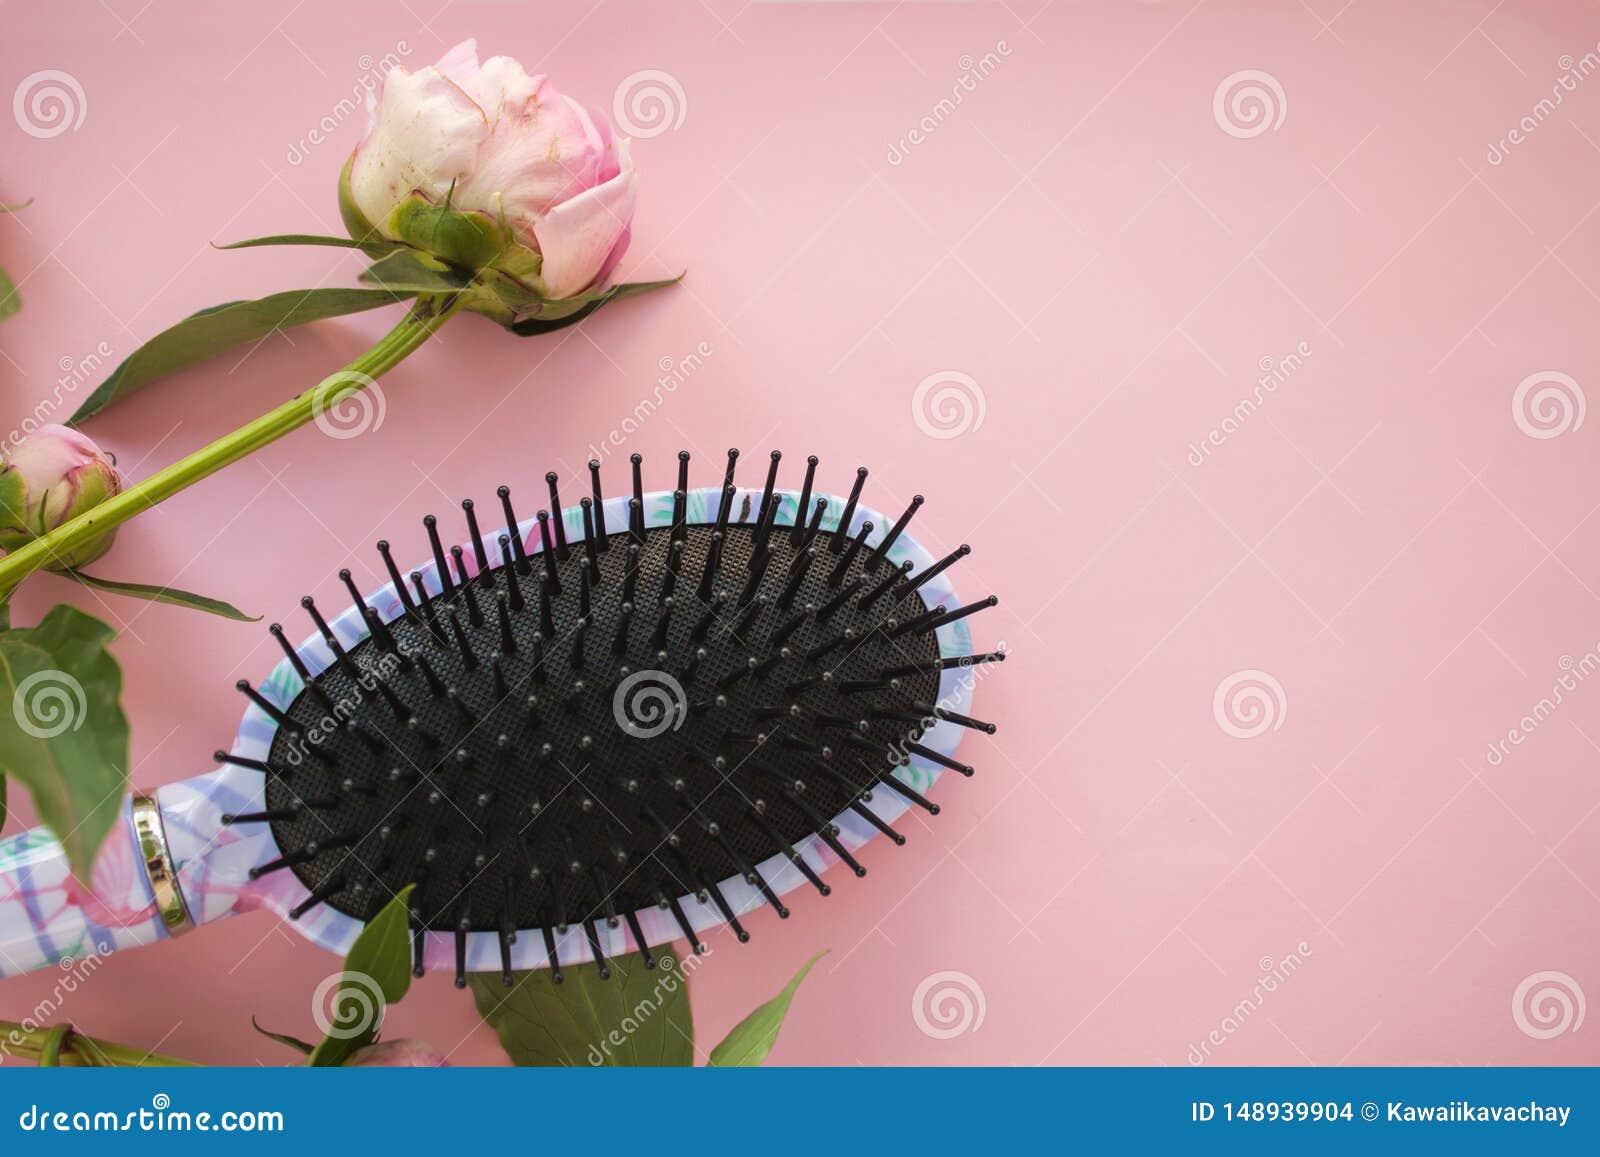 De de kamborstel van de haarmassage met pioenbloemen op roze pastelkleur kopieert ruimteachtergrond De Minimalisticvlakte lag